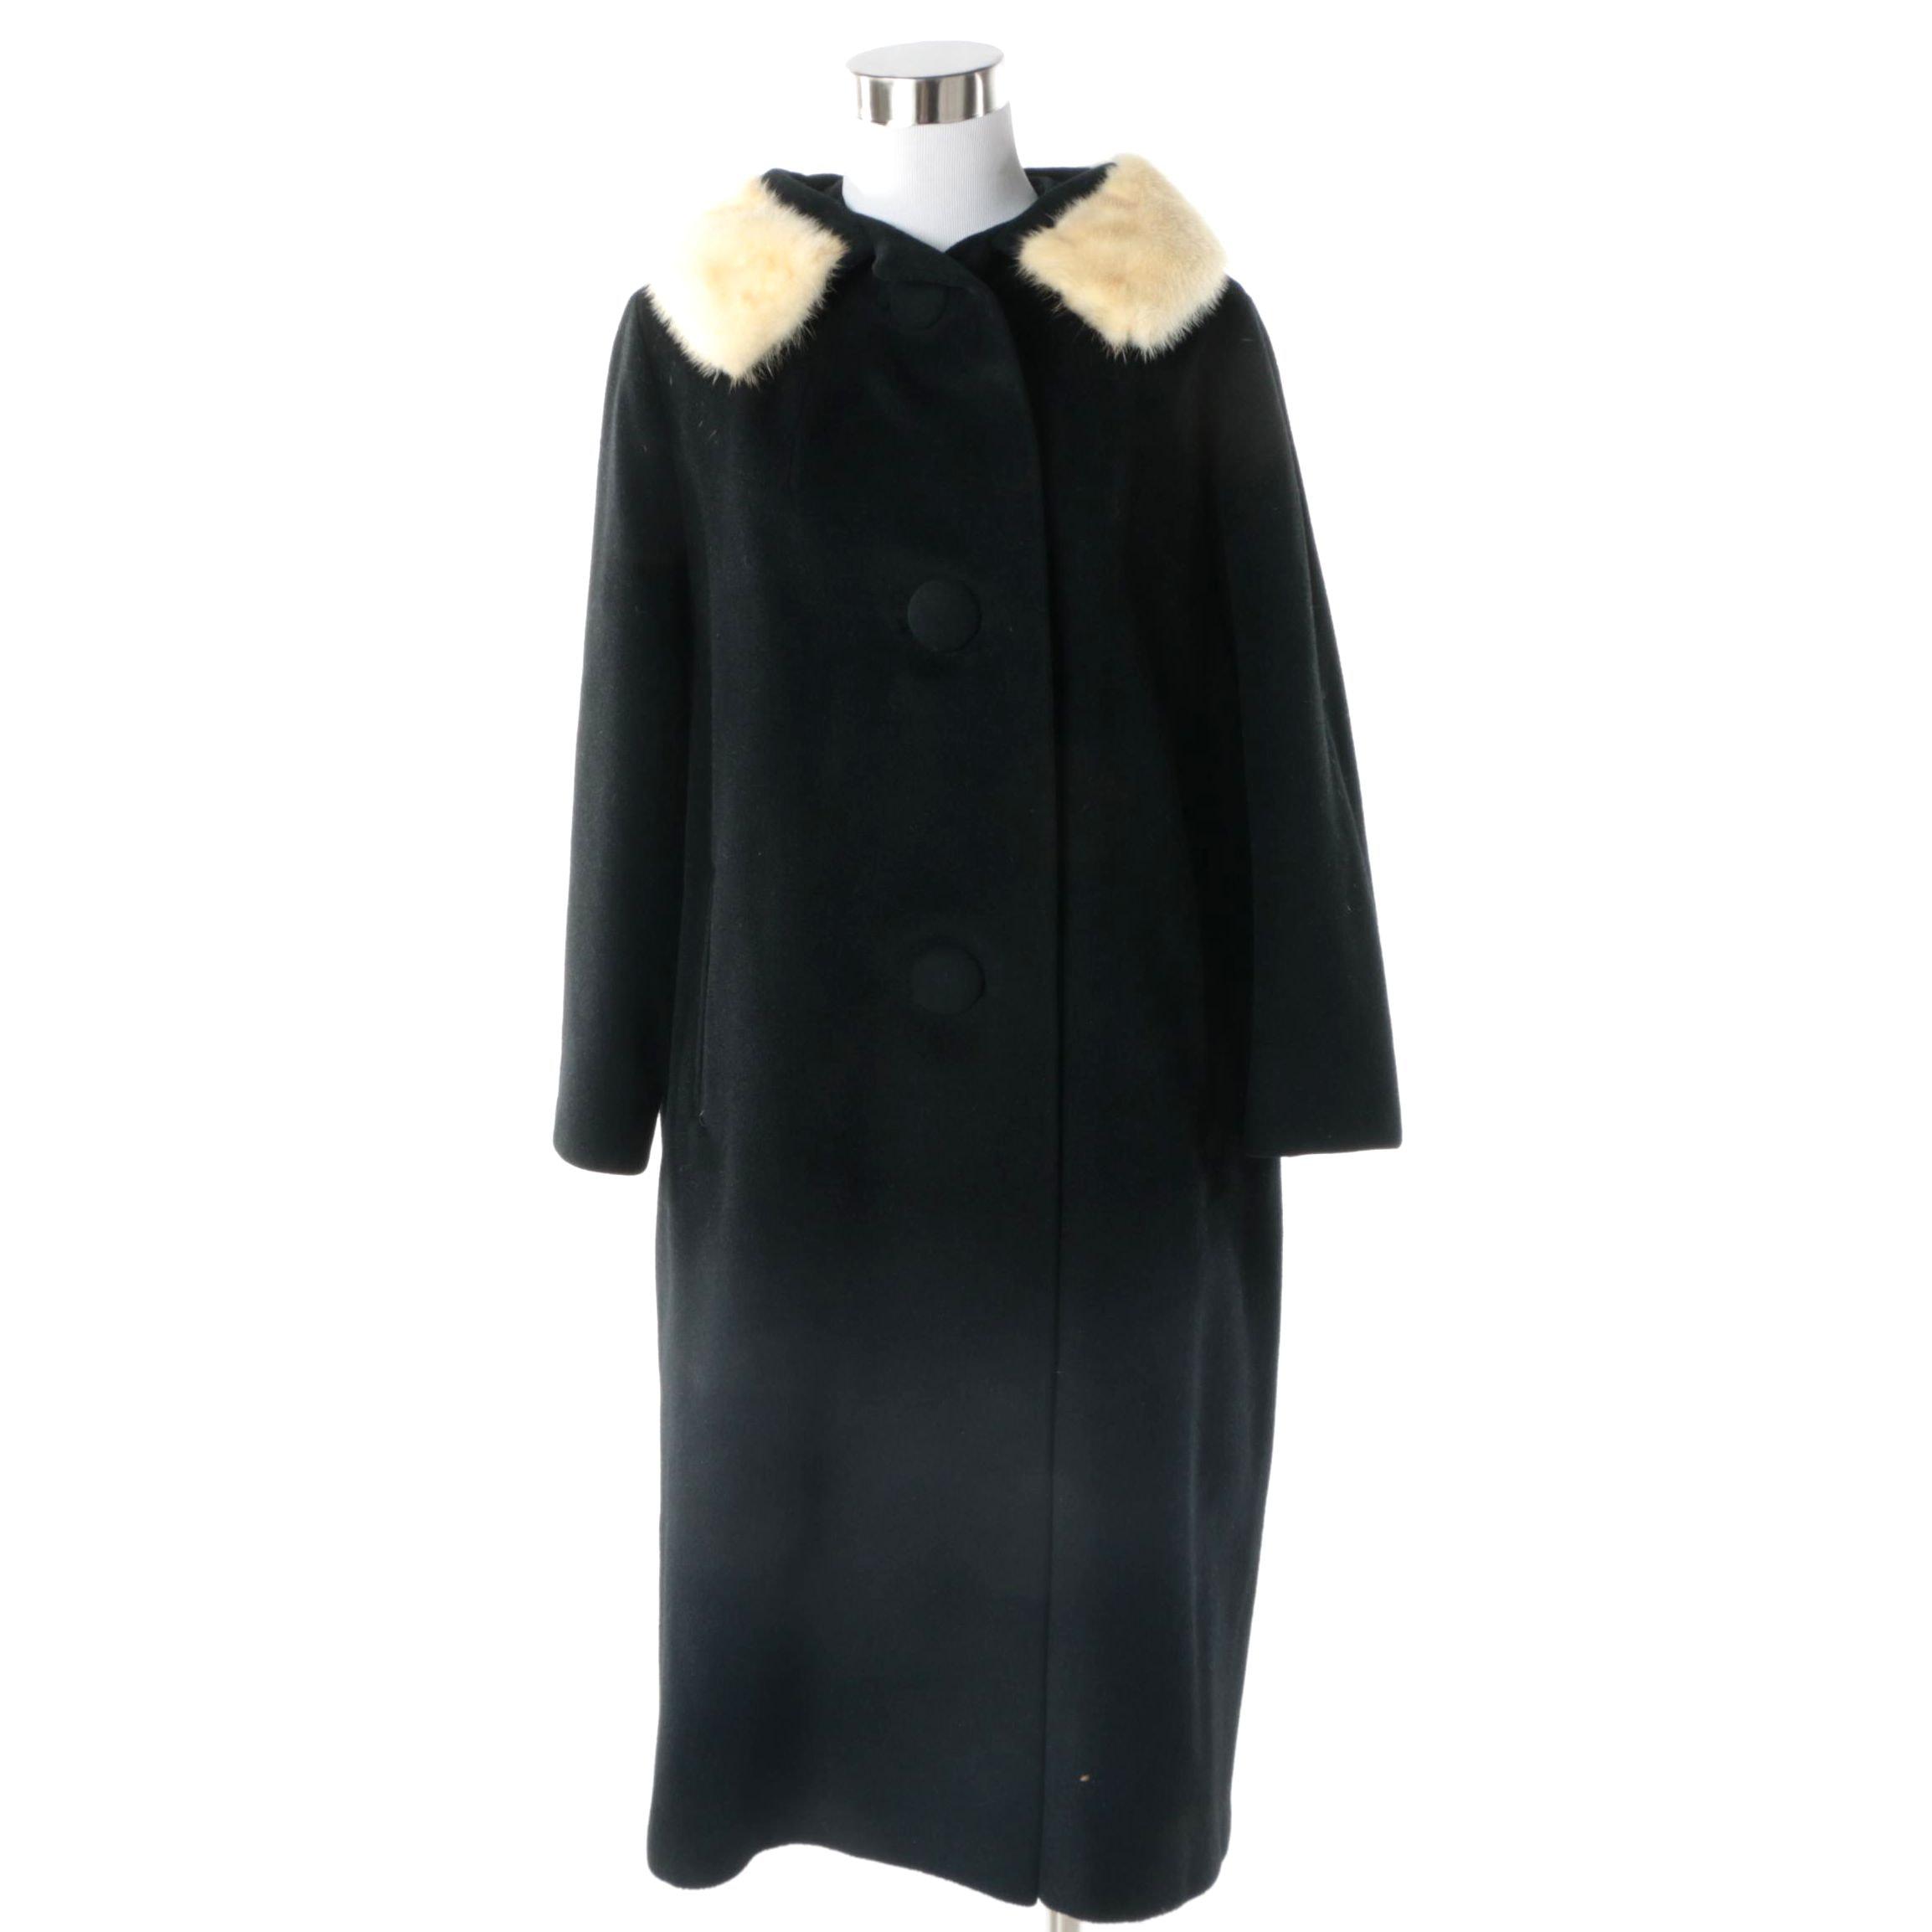 Vintage Dorsé Black Felted Coat with Platinum Mink Fur Collar